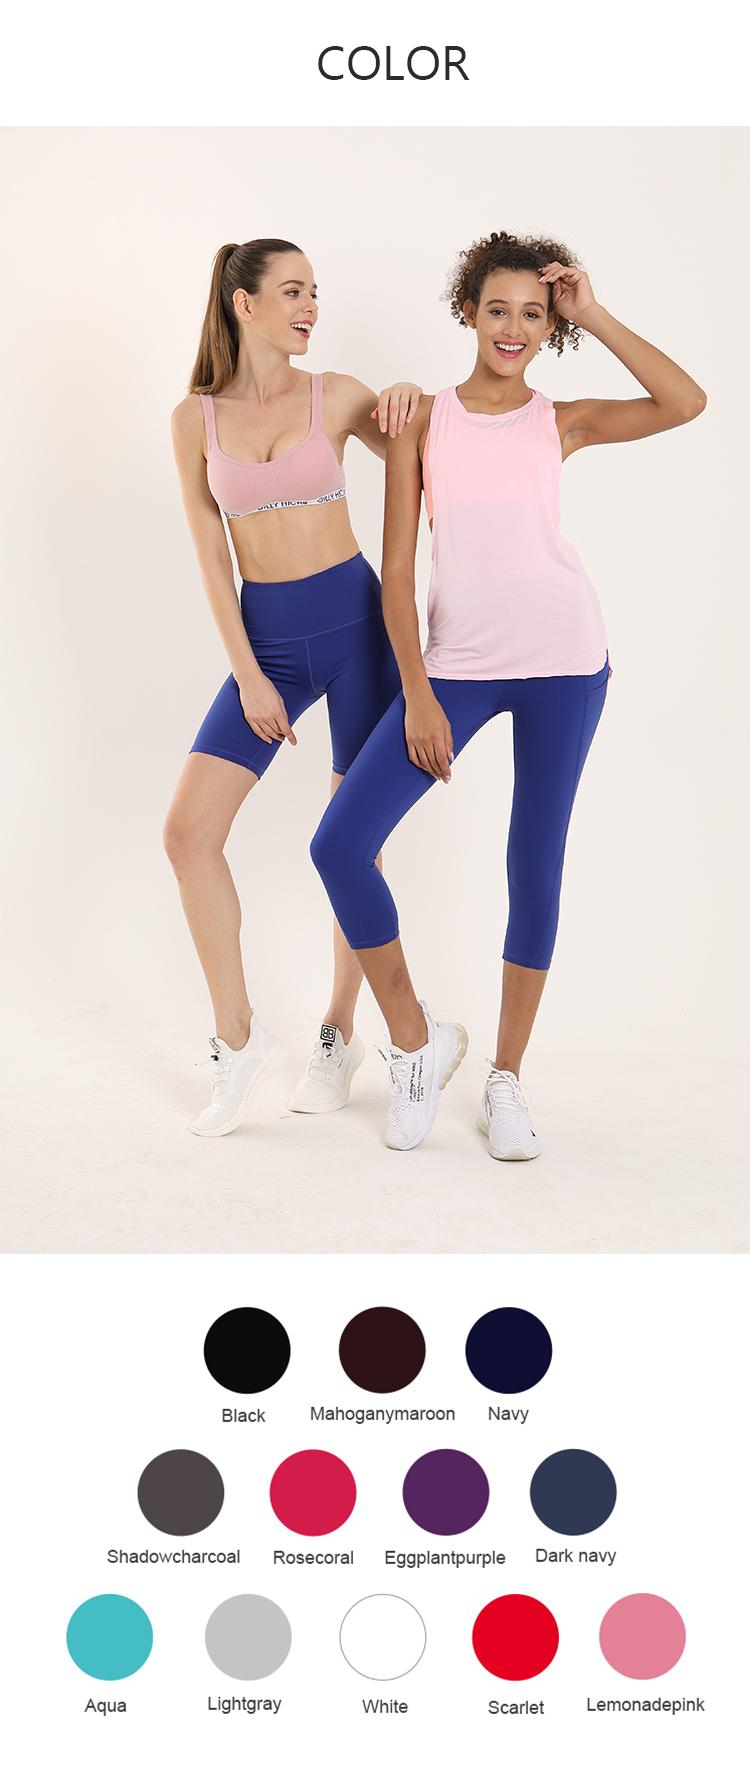 (19 POLLICI) Sexy Sporting Outdoor Legging Delle Donne di Yoga Capri Pantaloni con Tasche Laterali